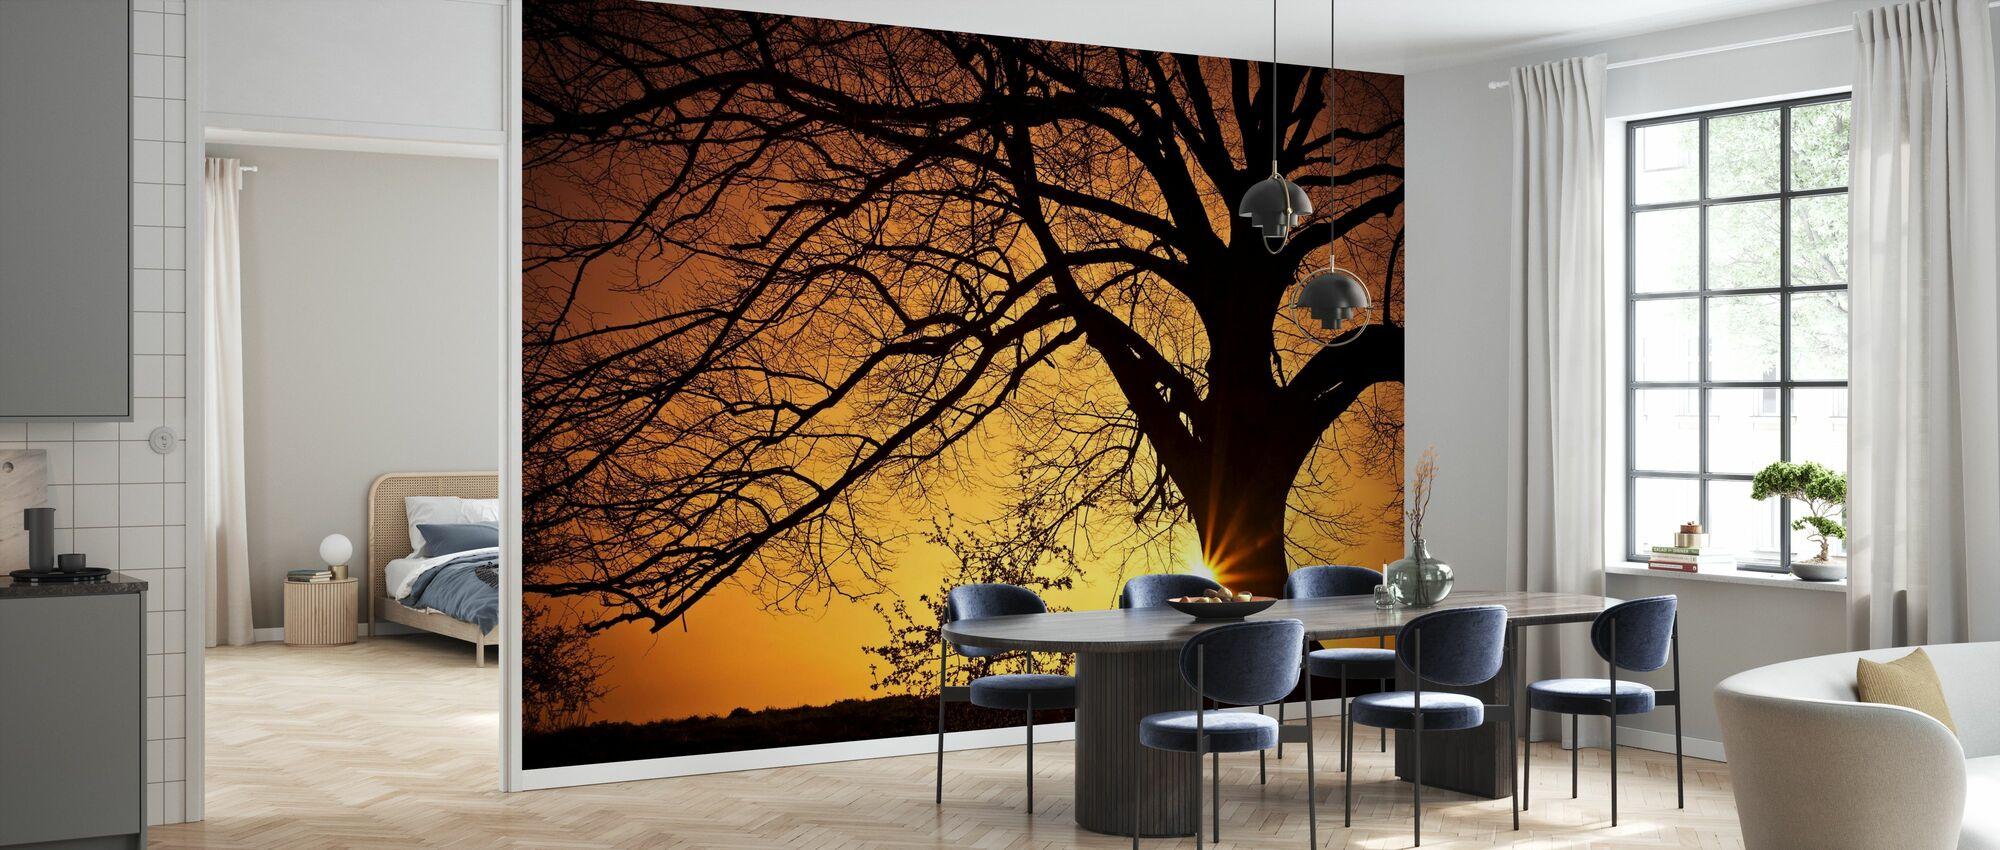 Silhouette di un albero di salice al tramonto - Carta da parati - Cucina